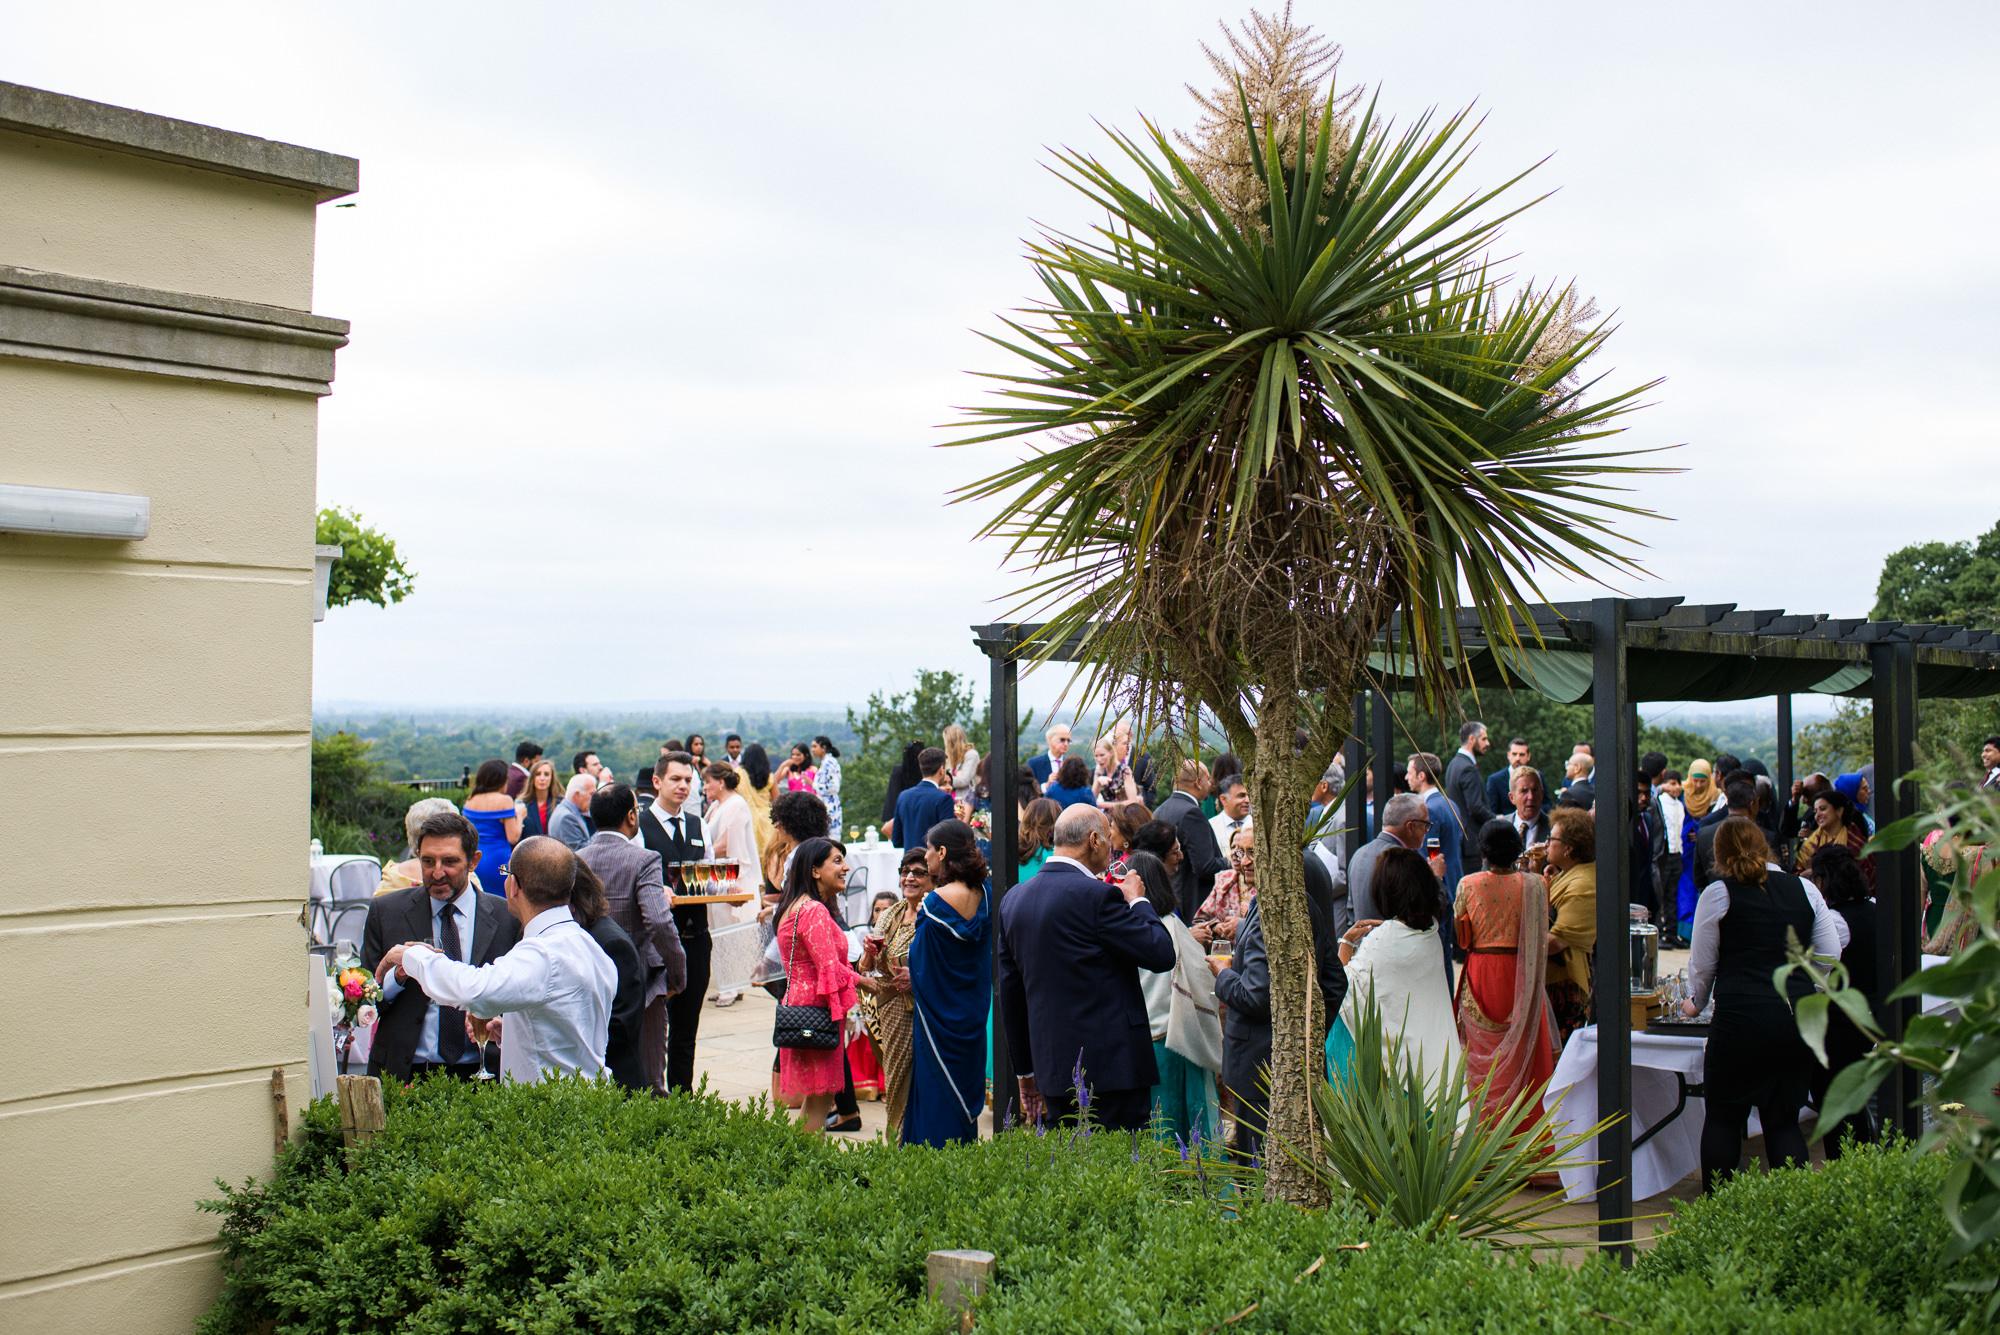 Pembroke lodge wedding drinks on terrace